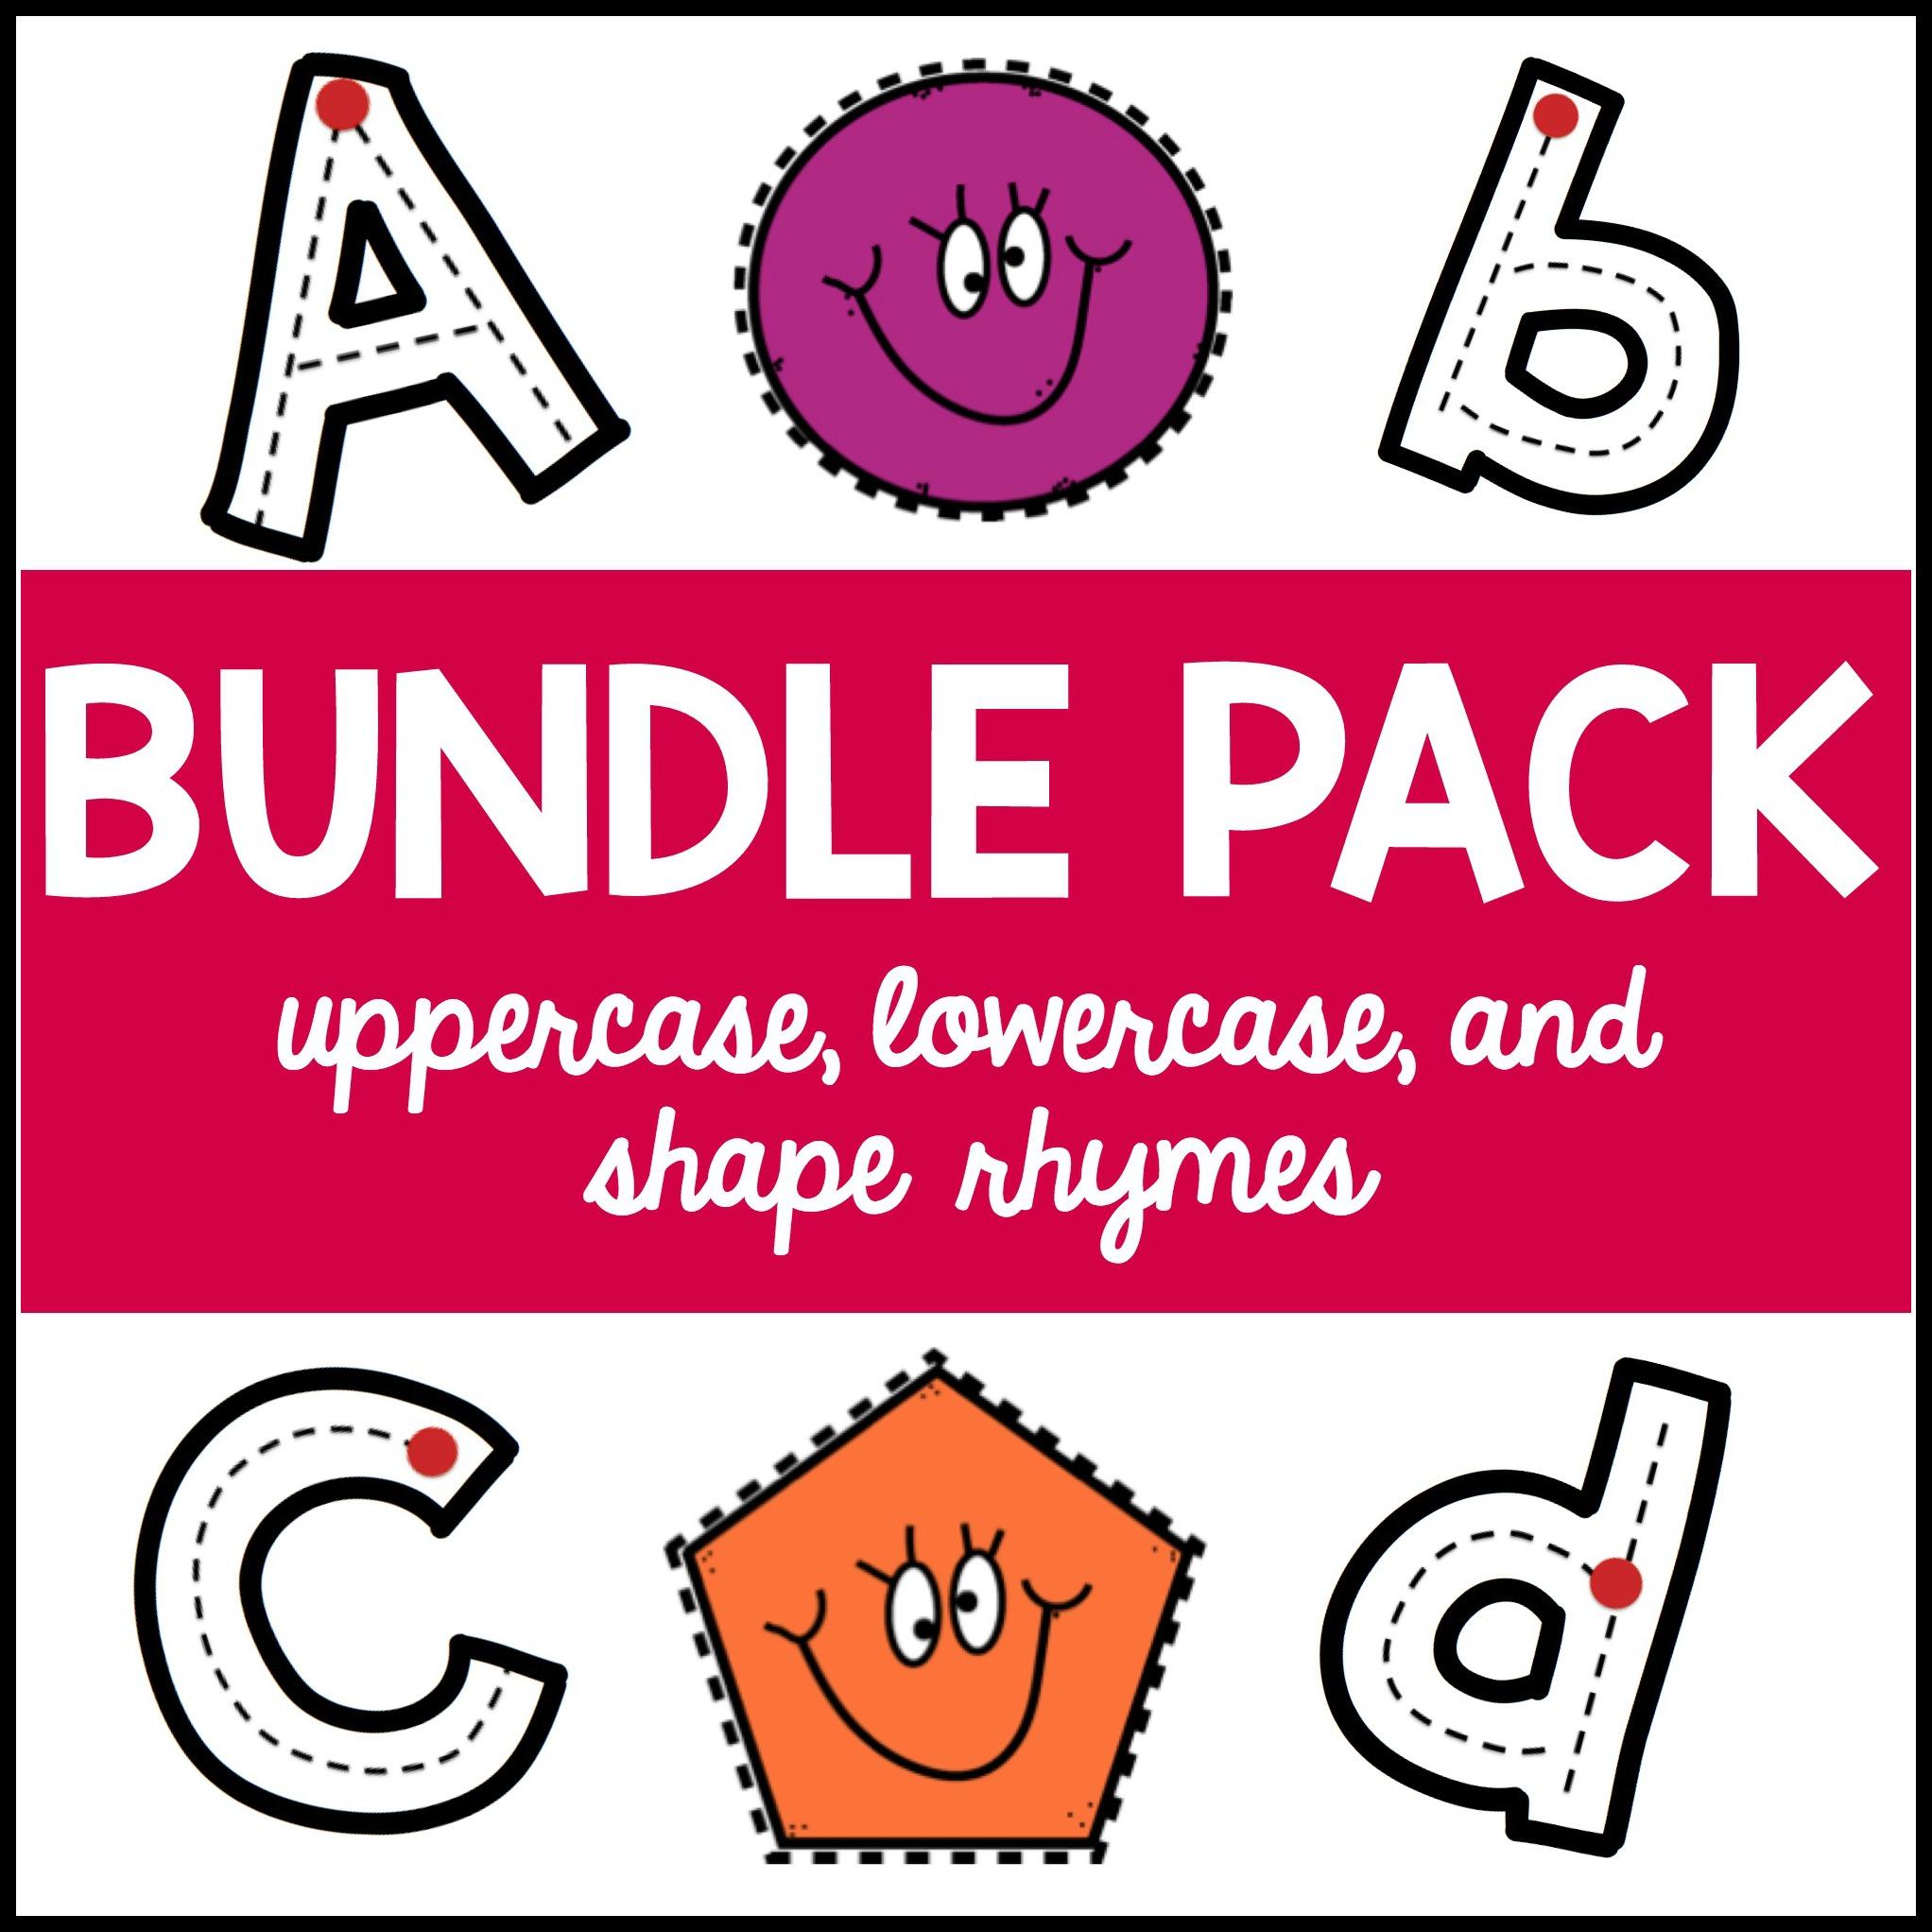 Formation Rhymes Bundle Pack